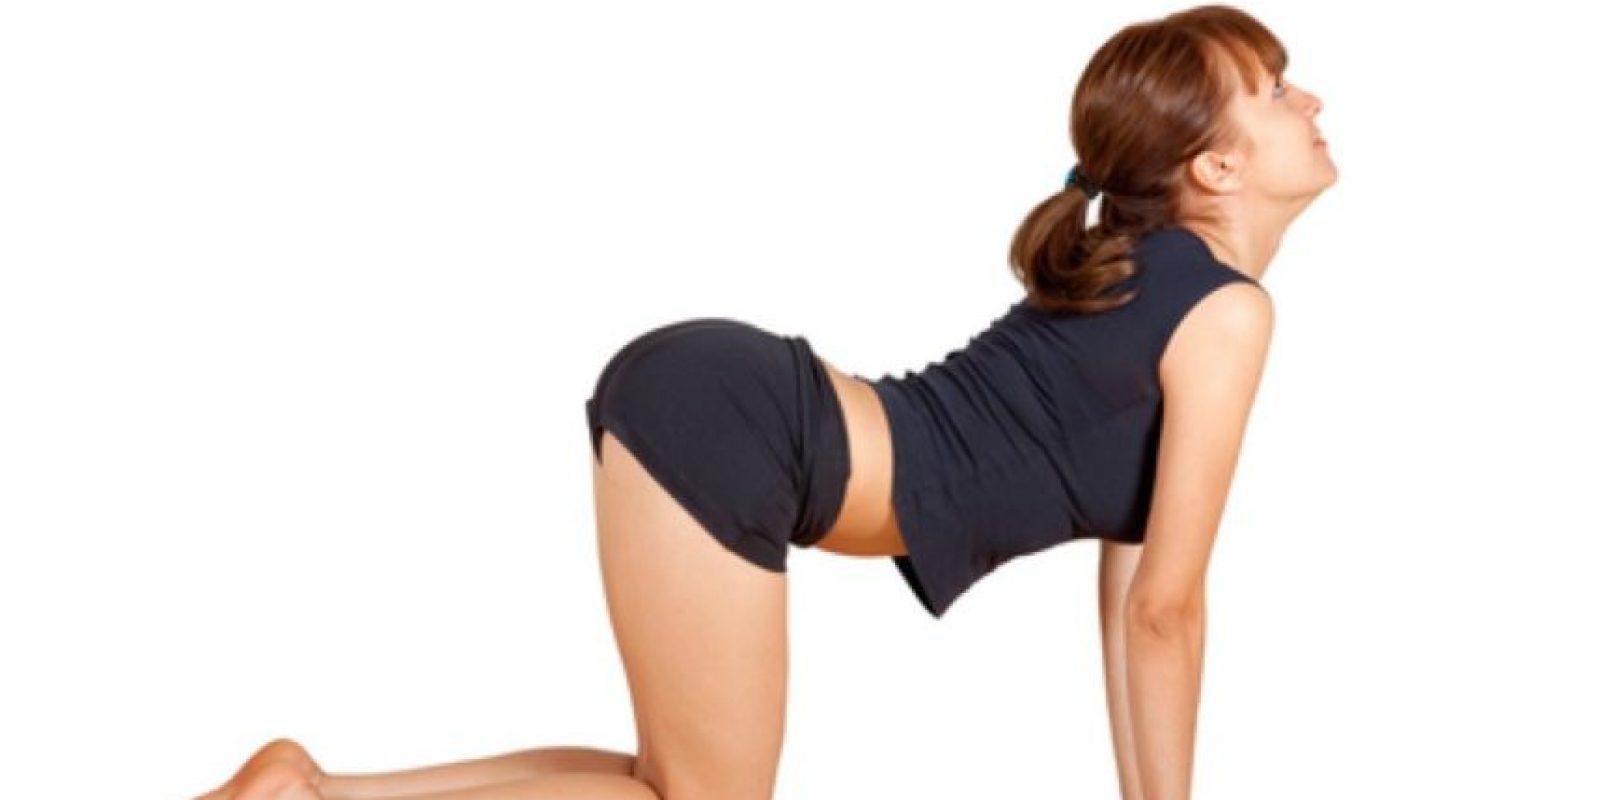 """4. """"El tirón"""": La mujer debe estar en la posición que ven en la imagen. El hombre debe darle cuatro nalgadas para luego penetrar. Foto:Babymed"""